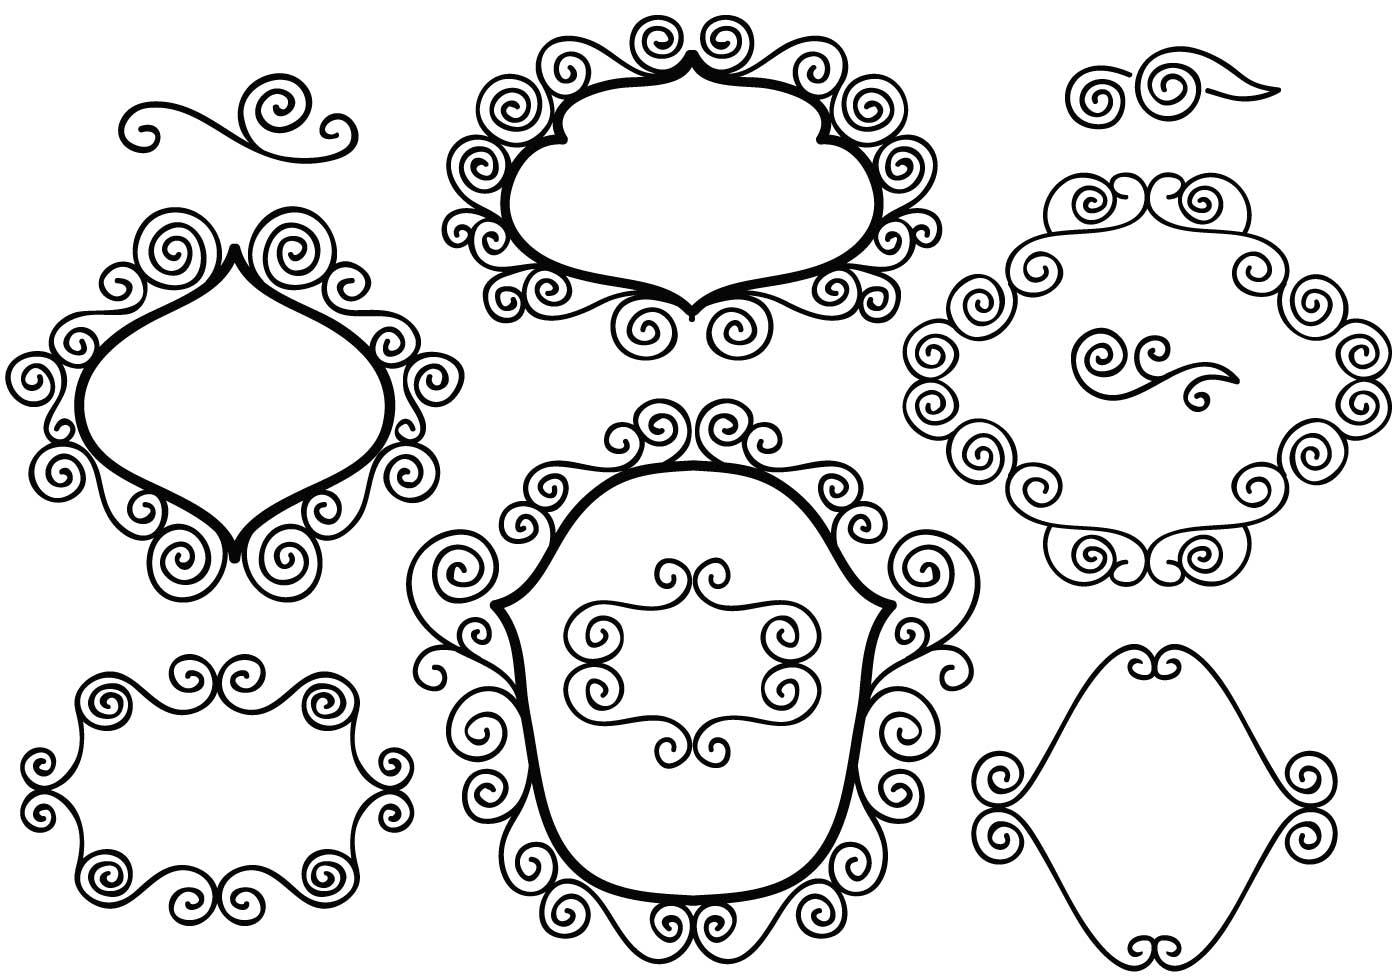 Free Floral Borders Vectors Download Free Vector Art